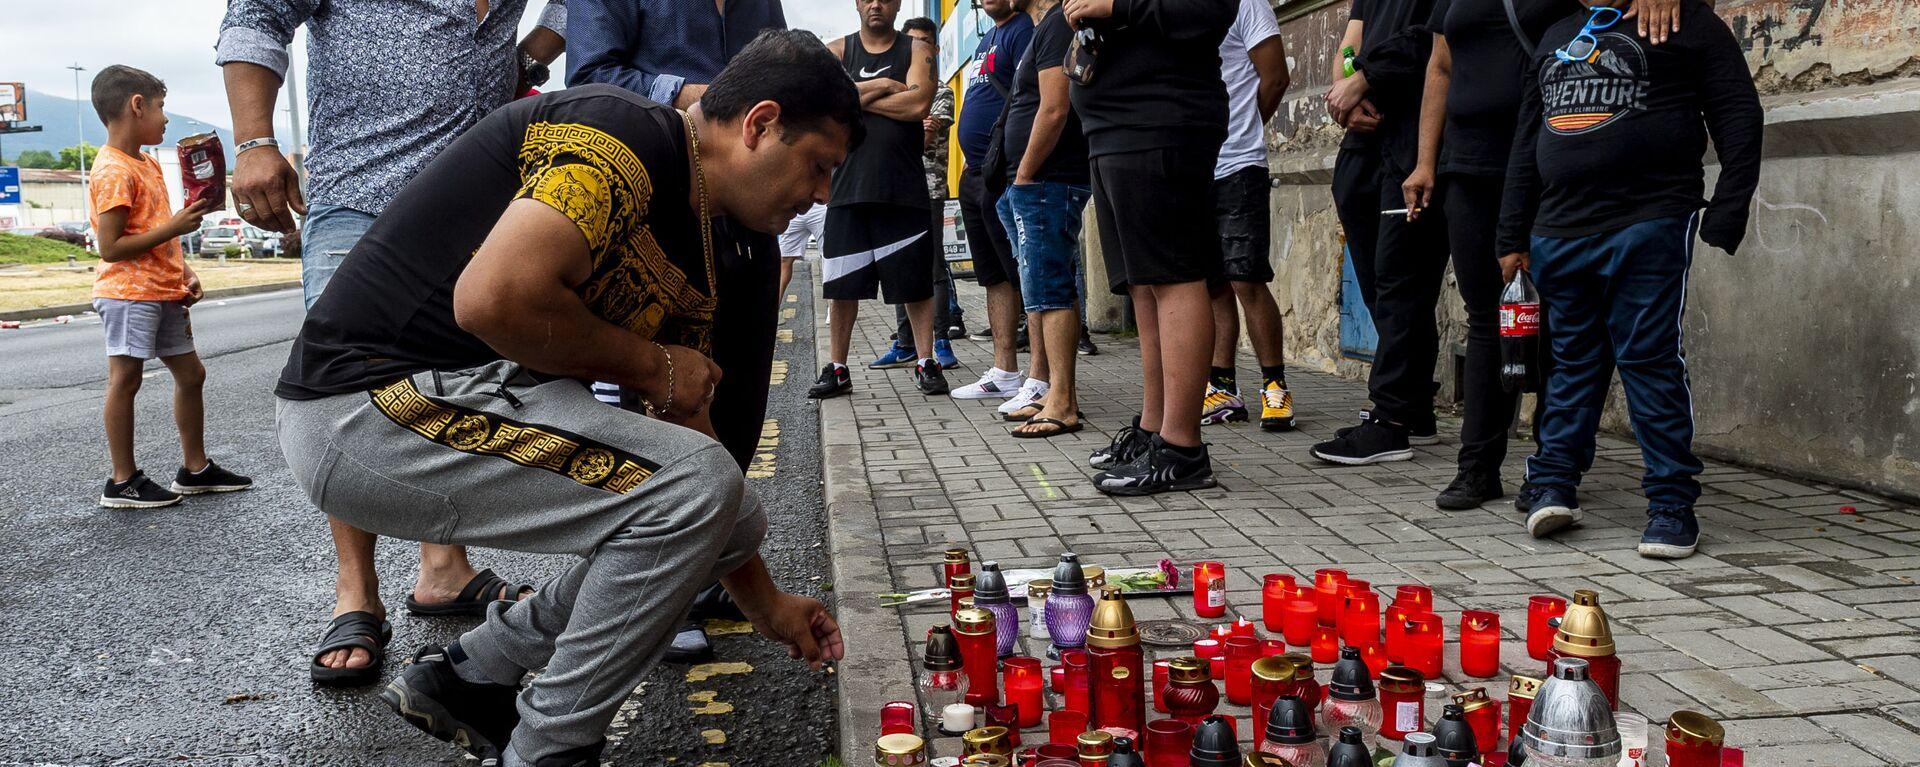 Muž zapálil svíčku na místě smrti Roma v Teplicích - Sputnik Česká republika, 1920, 26.06.2021